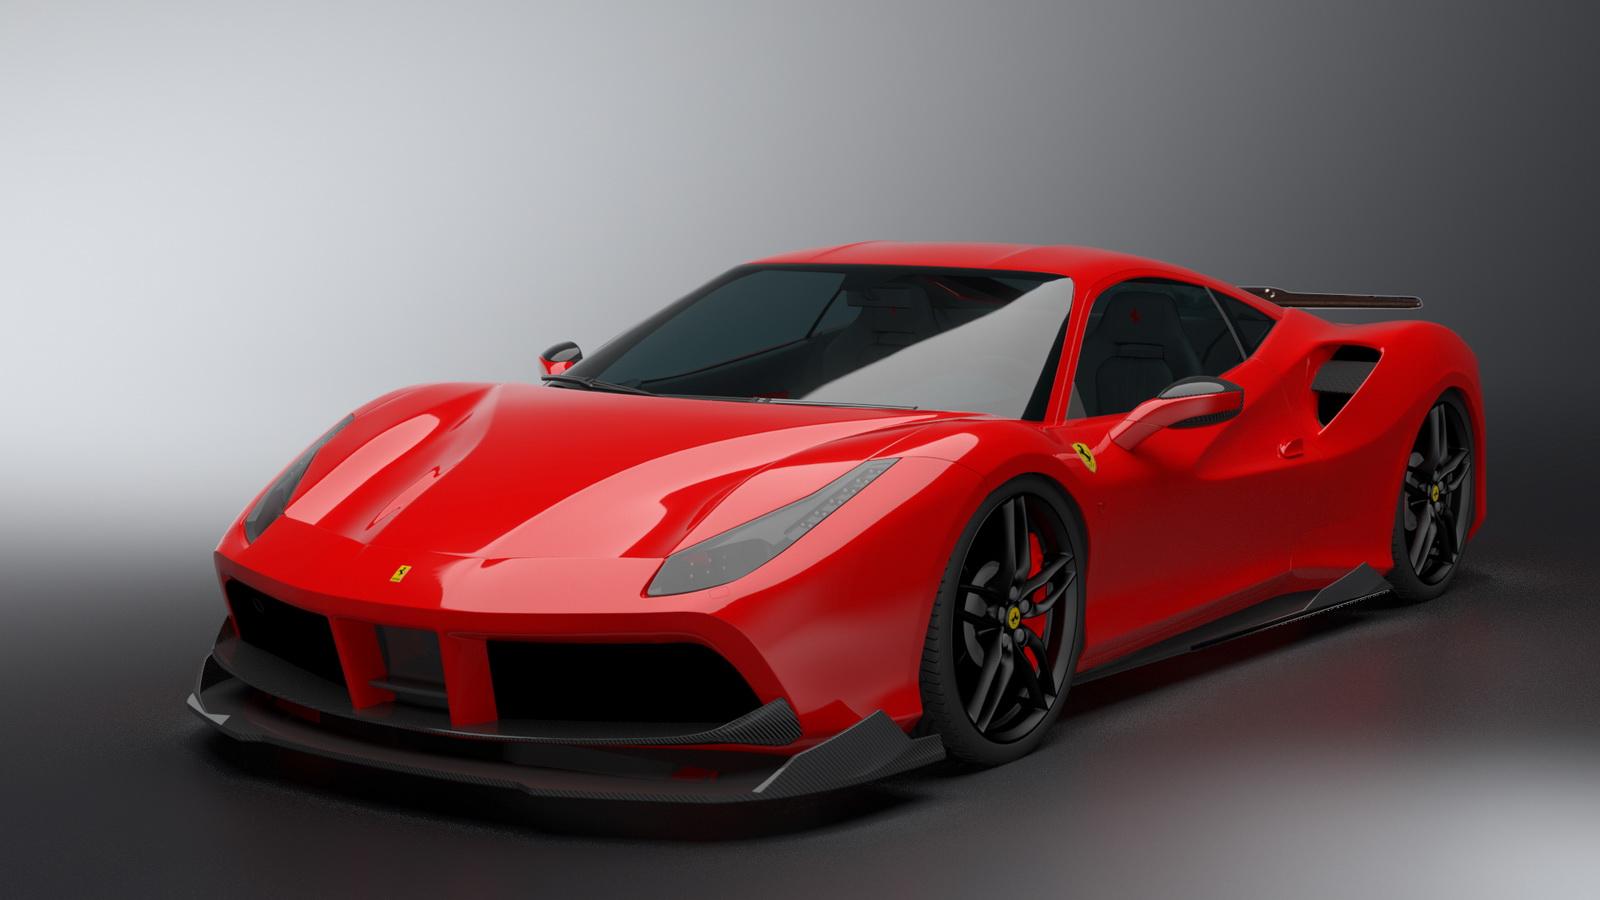 Dmc 171 Estica 187 O Ferrari 488 Gtb At 233 Aos 788 Cv